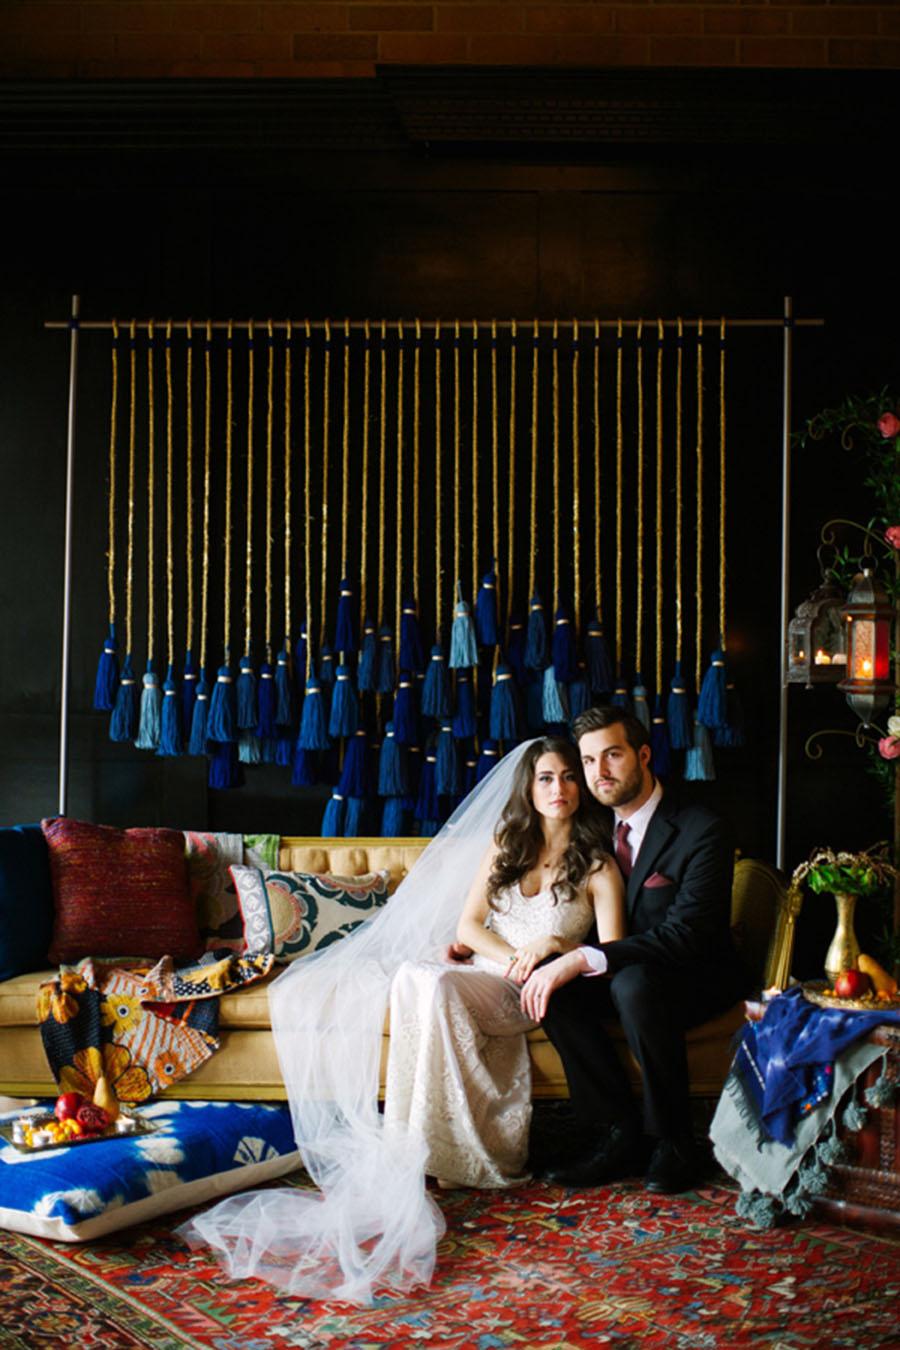 21-DIY-Yarn-Tassle-Wedding-Backdrop